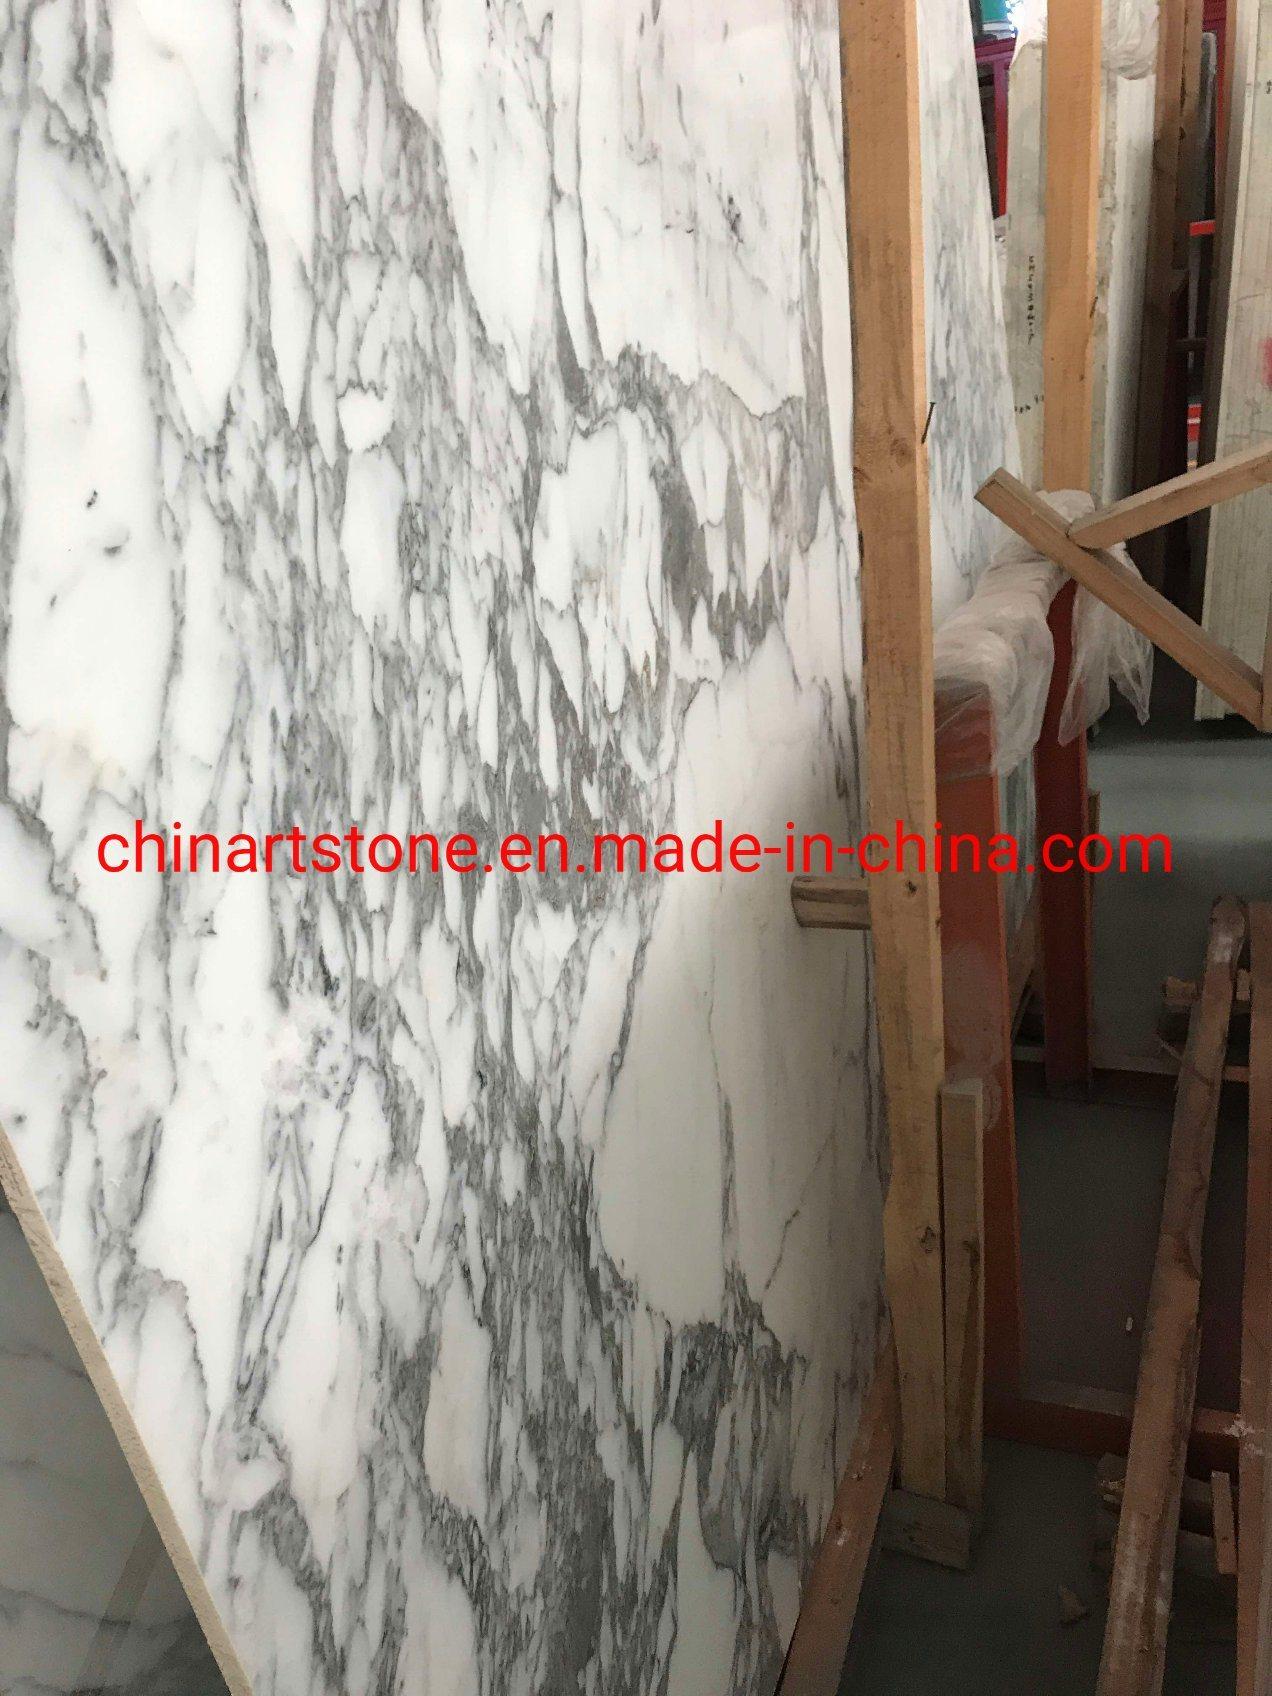 China Bianco Statuary White Marble Slab